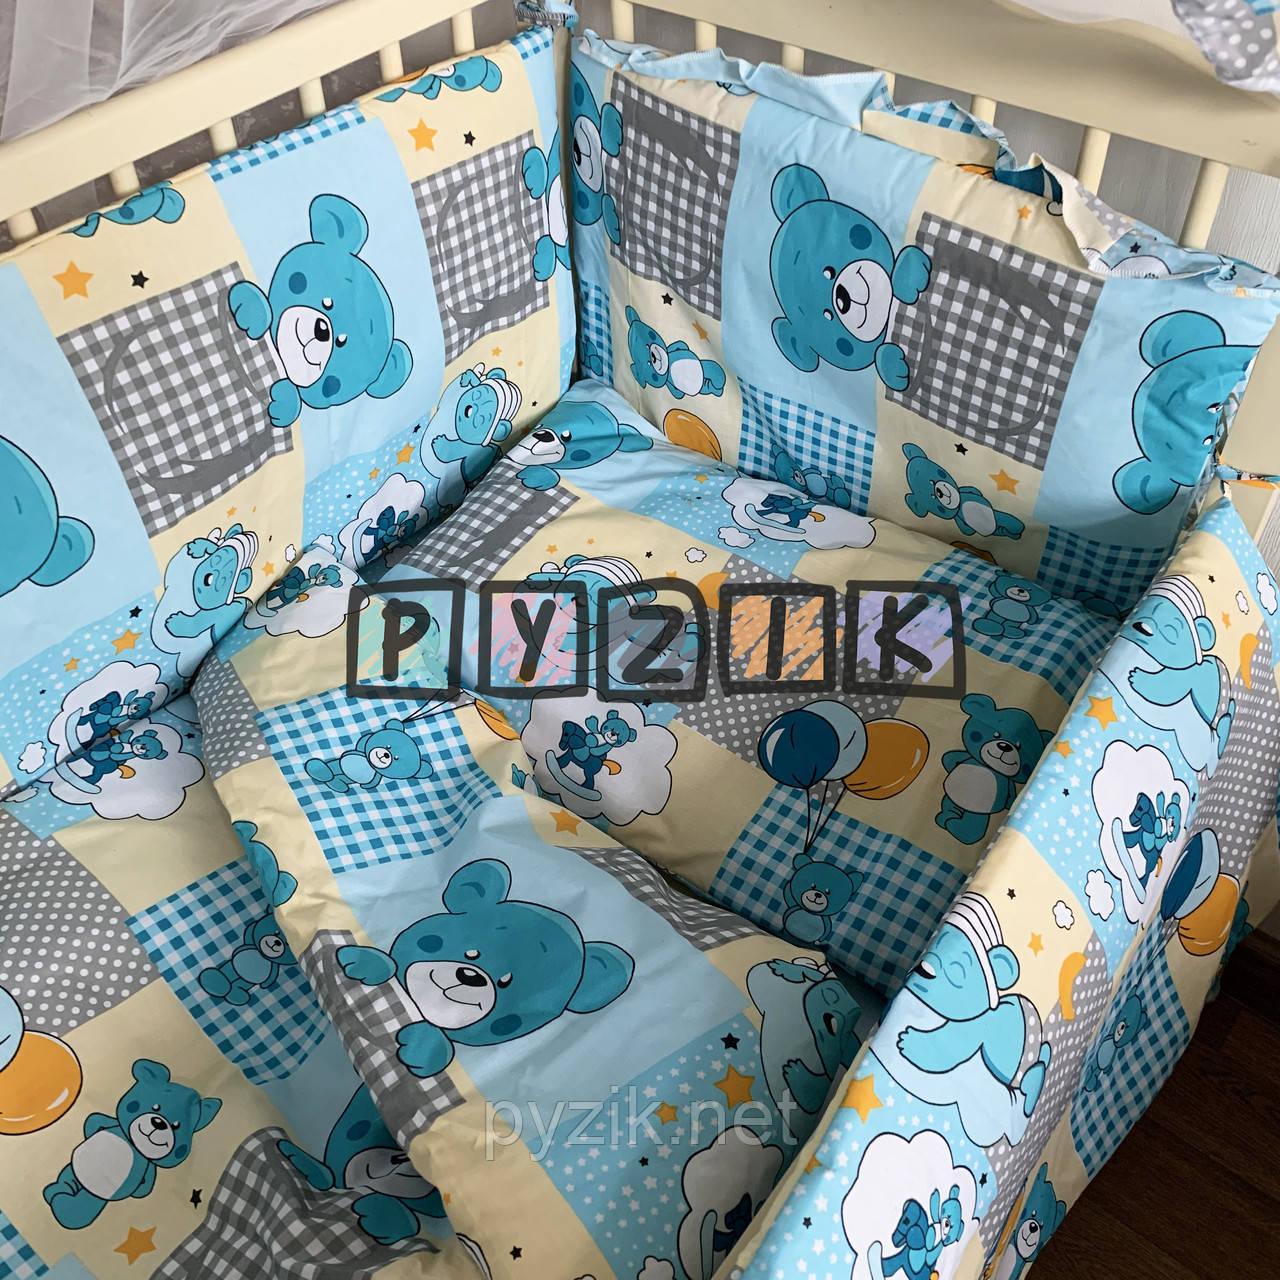 """Детское постельное бельё (8 предметов) """"Мишки с воздушными шариками"""" бирюзовое"""